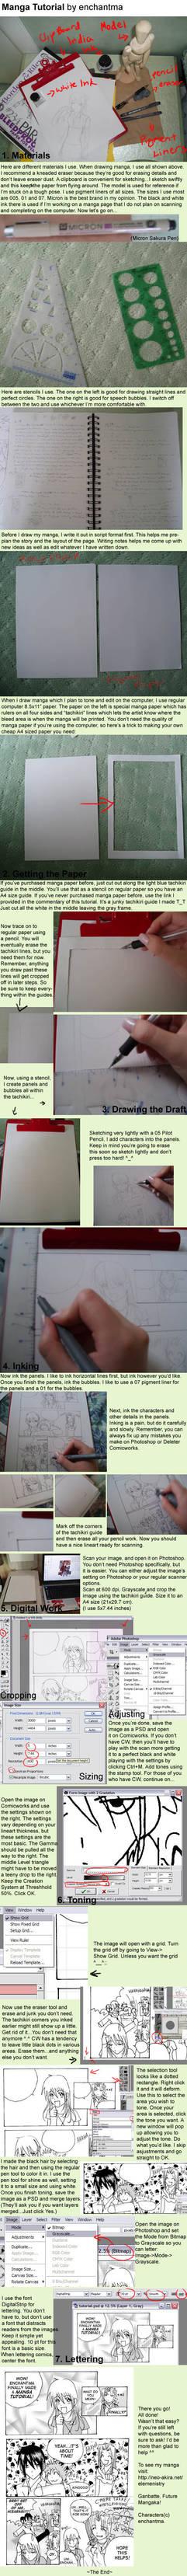 Manga-Making Tutorial